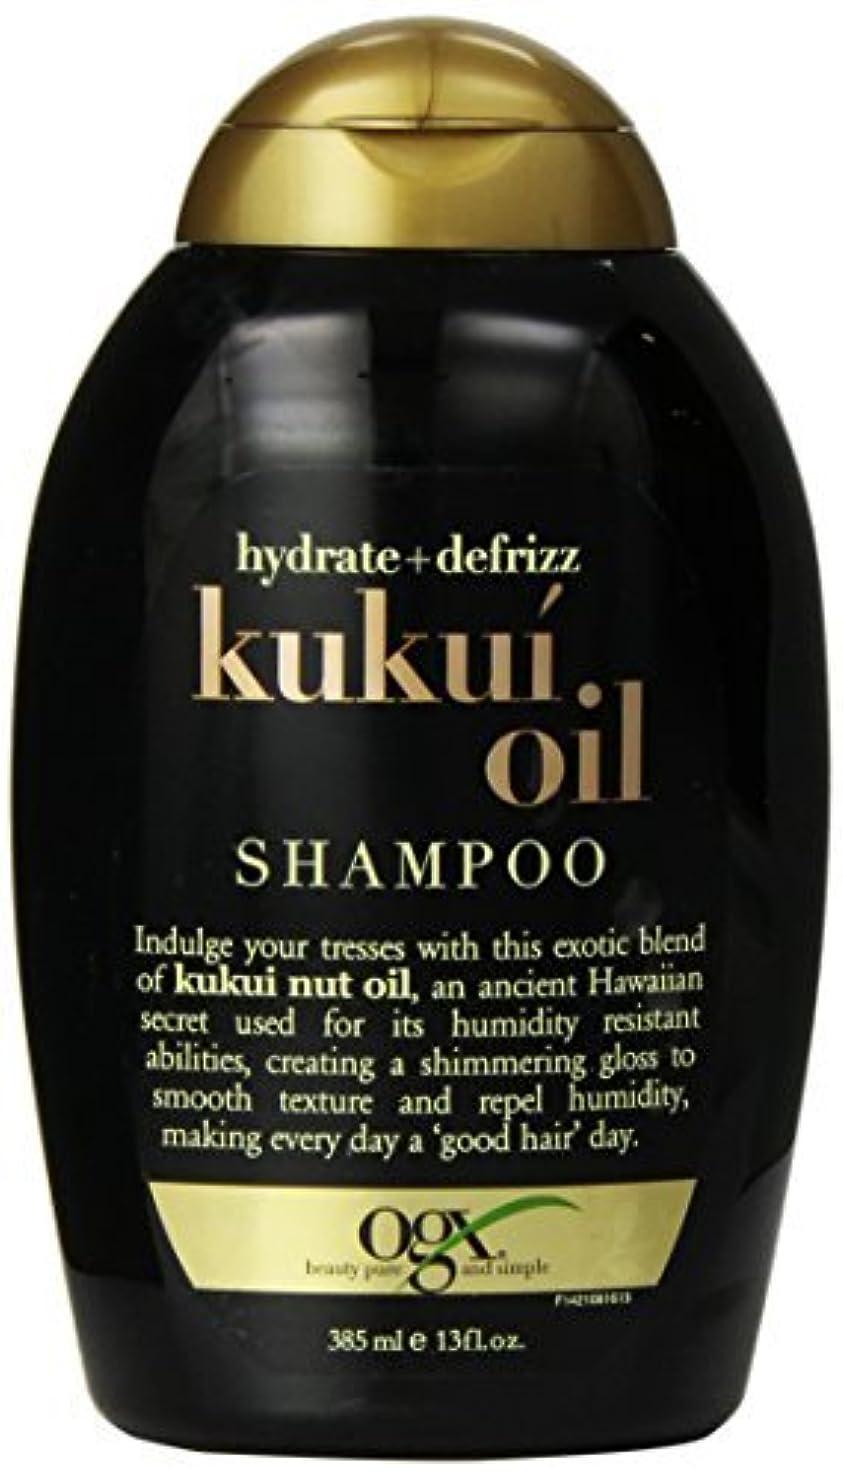 対応フェデレーションダムOGX Kukui Oil Shampoo, Hydrate Plus Defrizz, 13 Ounce [並行輸入品]